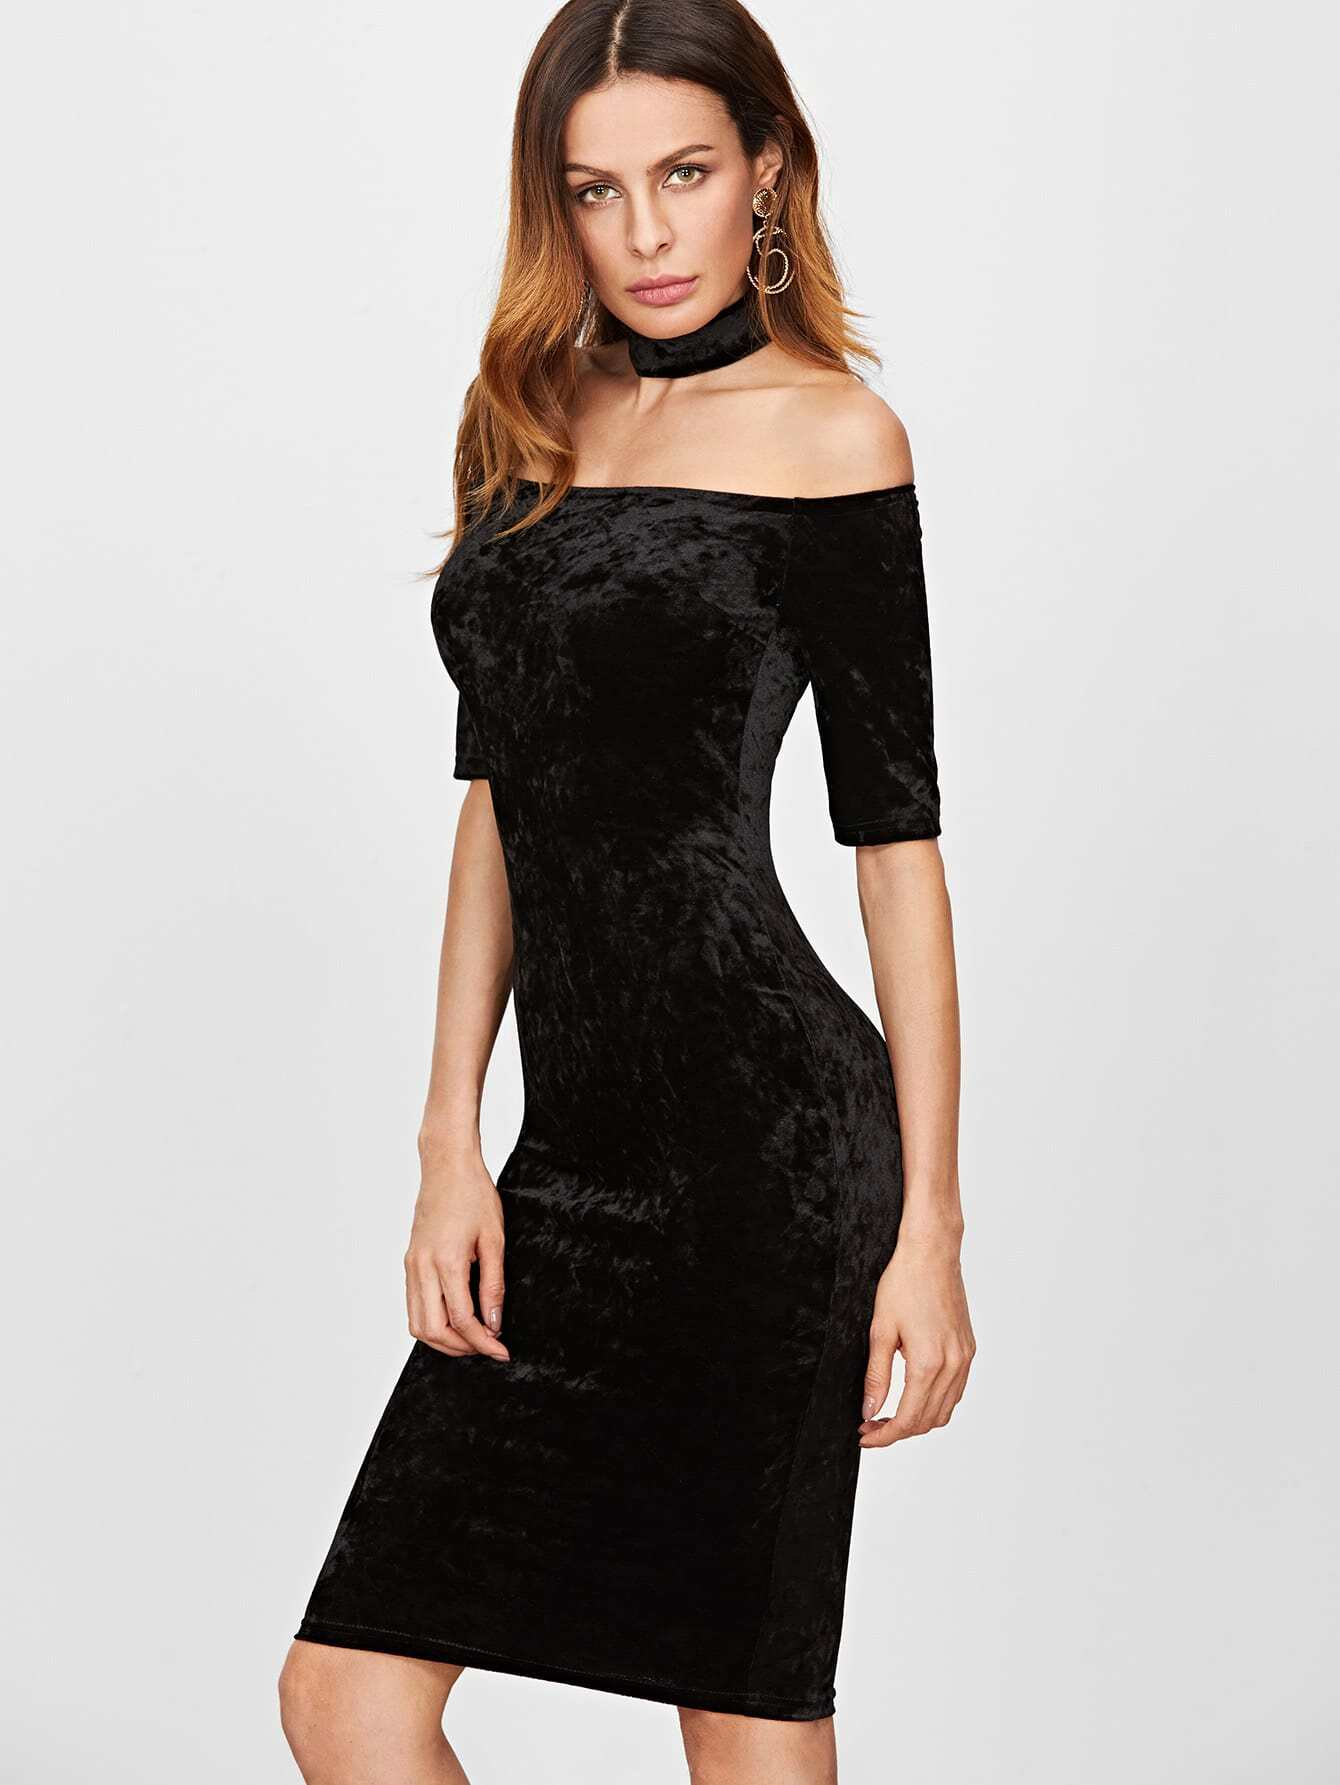 dress161223712_2